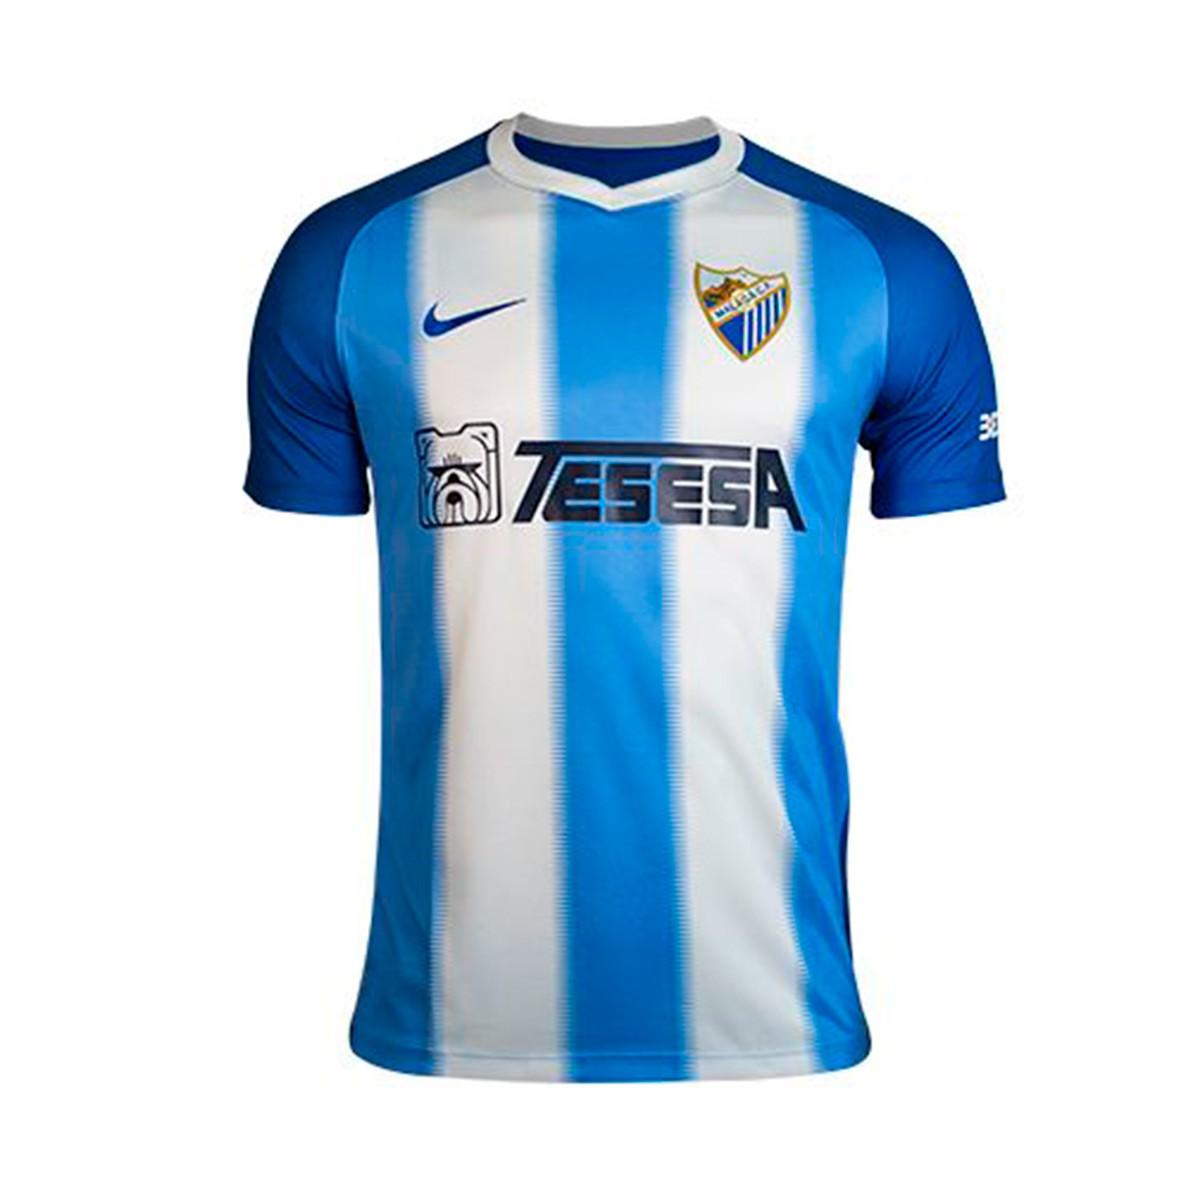 86a4ade72954b Camiseta Nike Málaga CF Primera Equipación 2018-2019 Niño Blanco-Azul -  Tienda de fútbol Fútbol Emotion